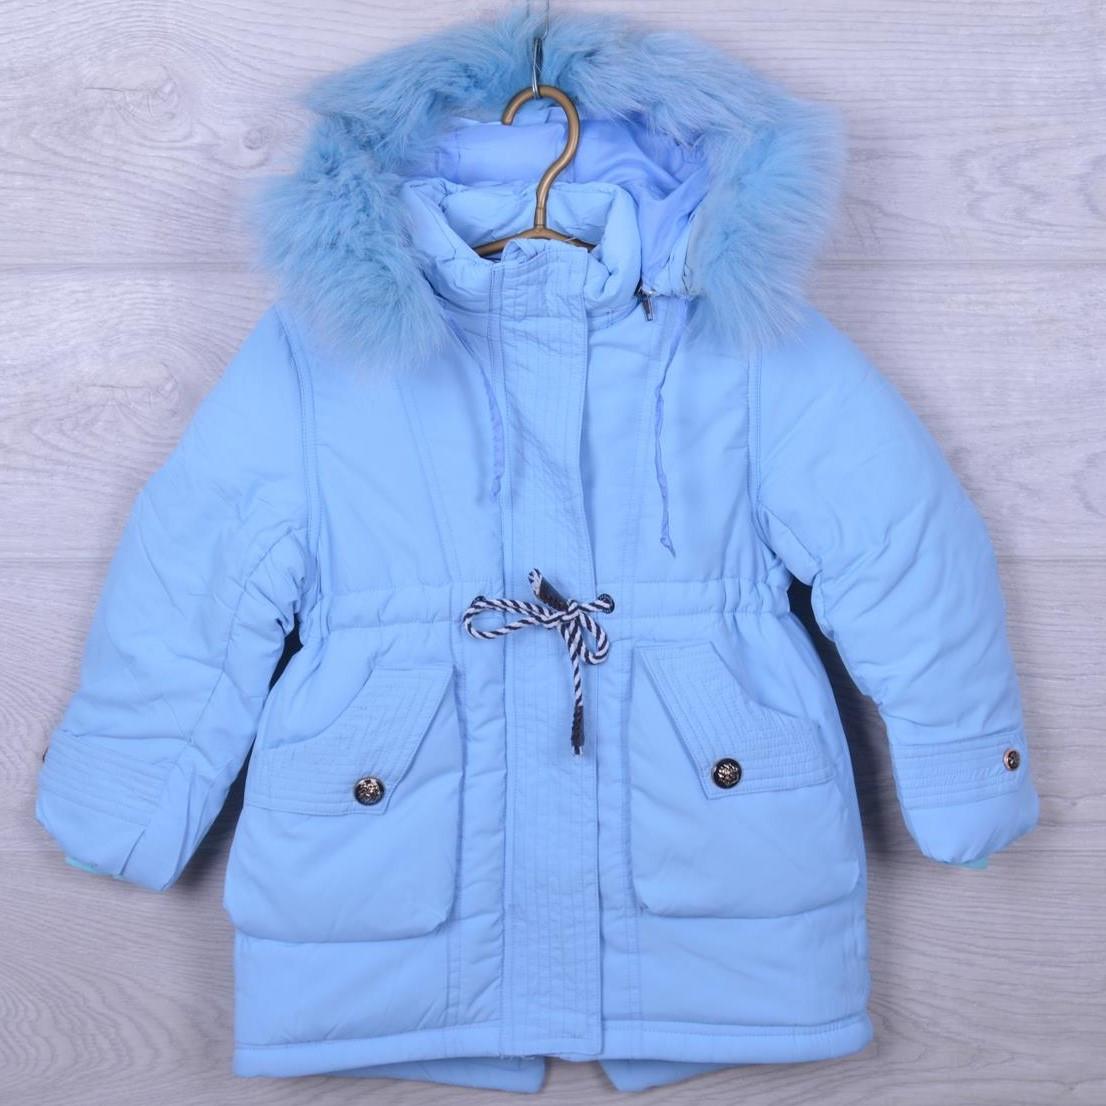 Куртка детская зимняя Tinaiffe #LY-05 для девочек. 92-116 см (2-6 лет). Нежно-голубая. Оптом.